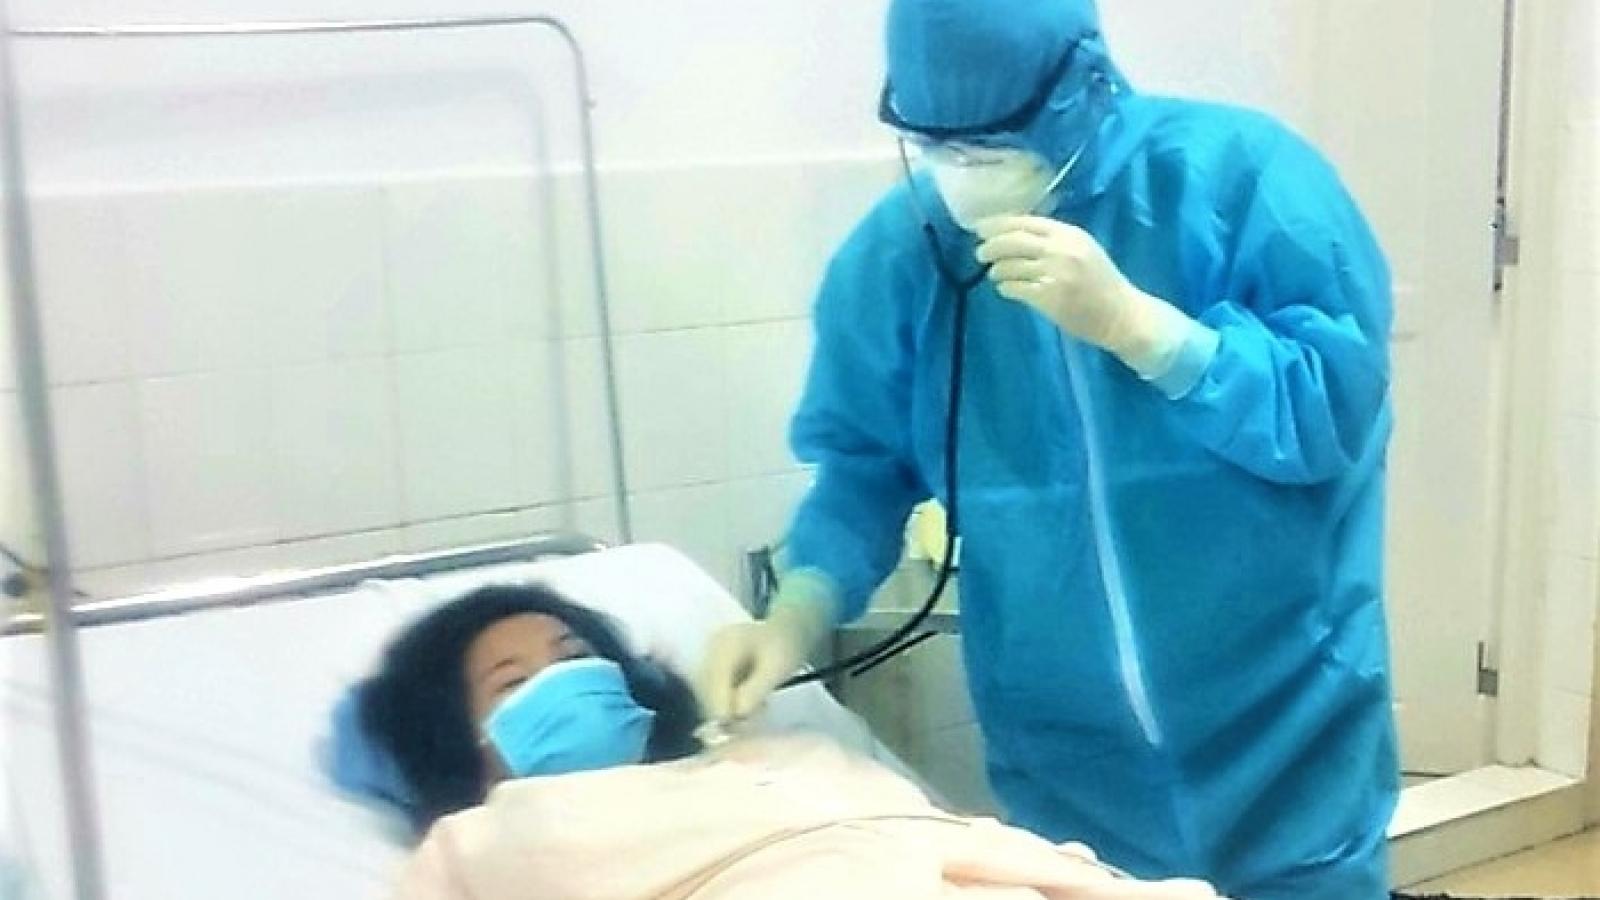 Mộtsản phụ nghi mắcCOVID-19 được phẫu thuật bắt con an toàn